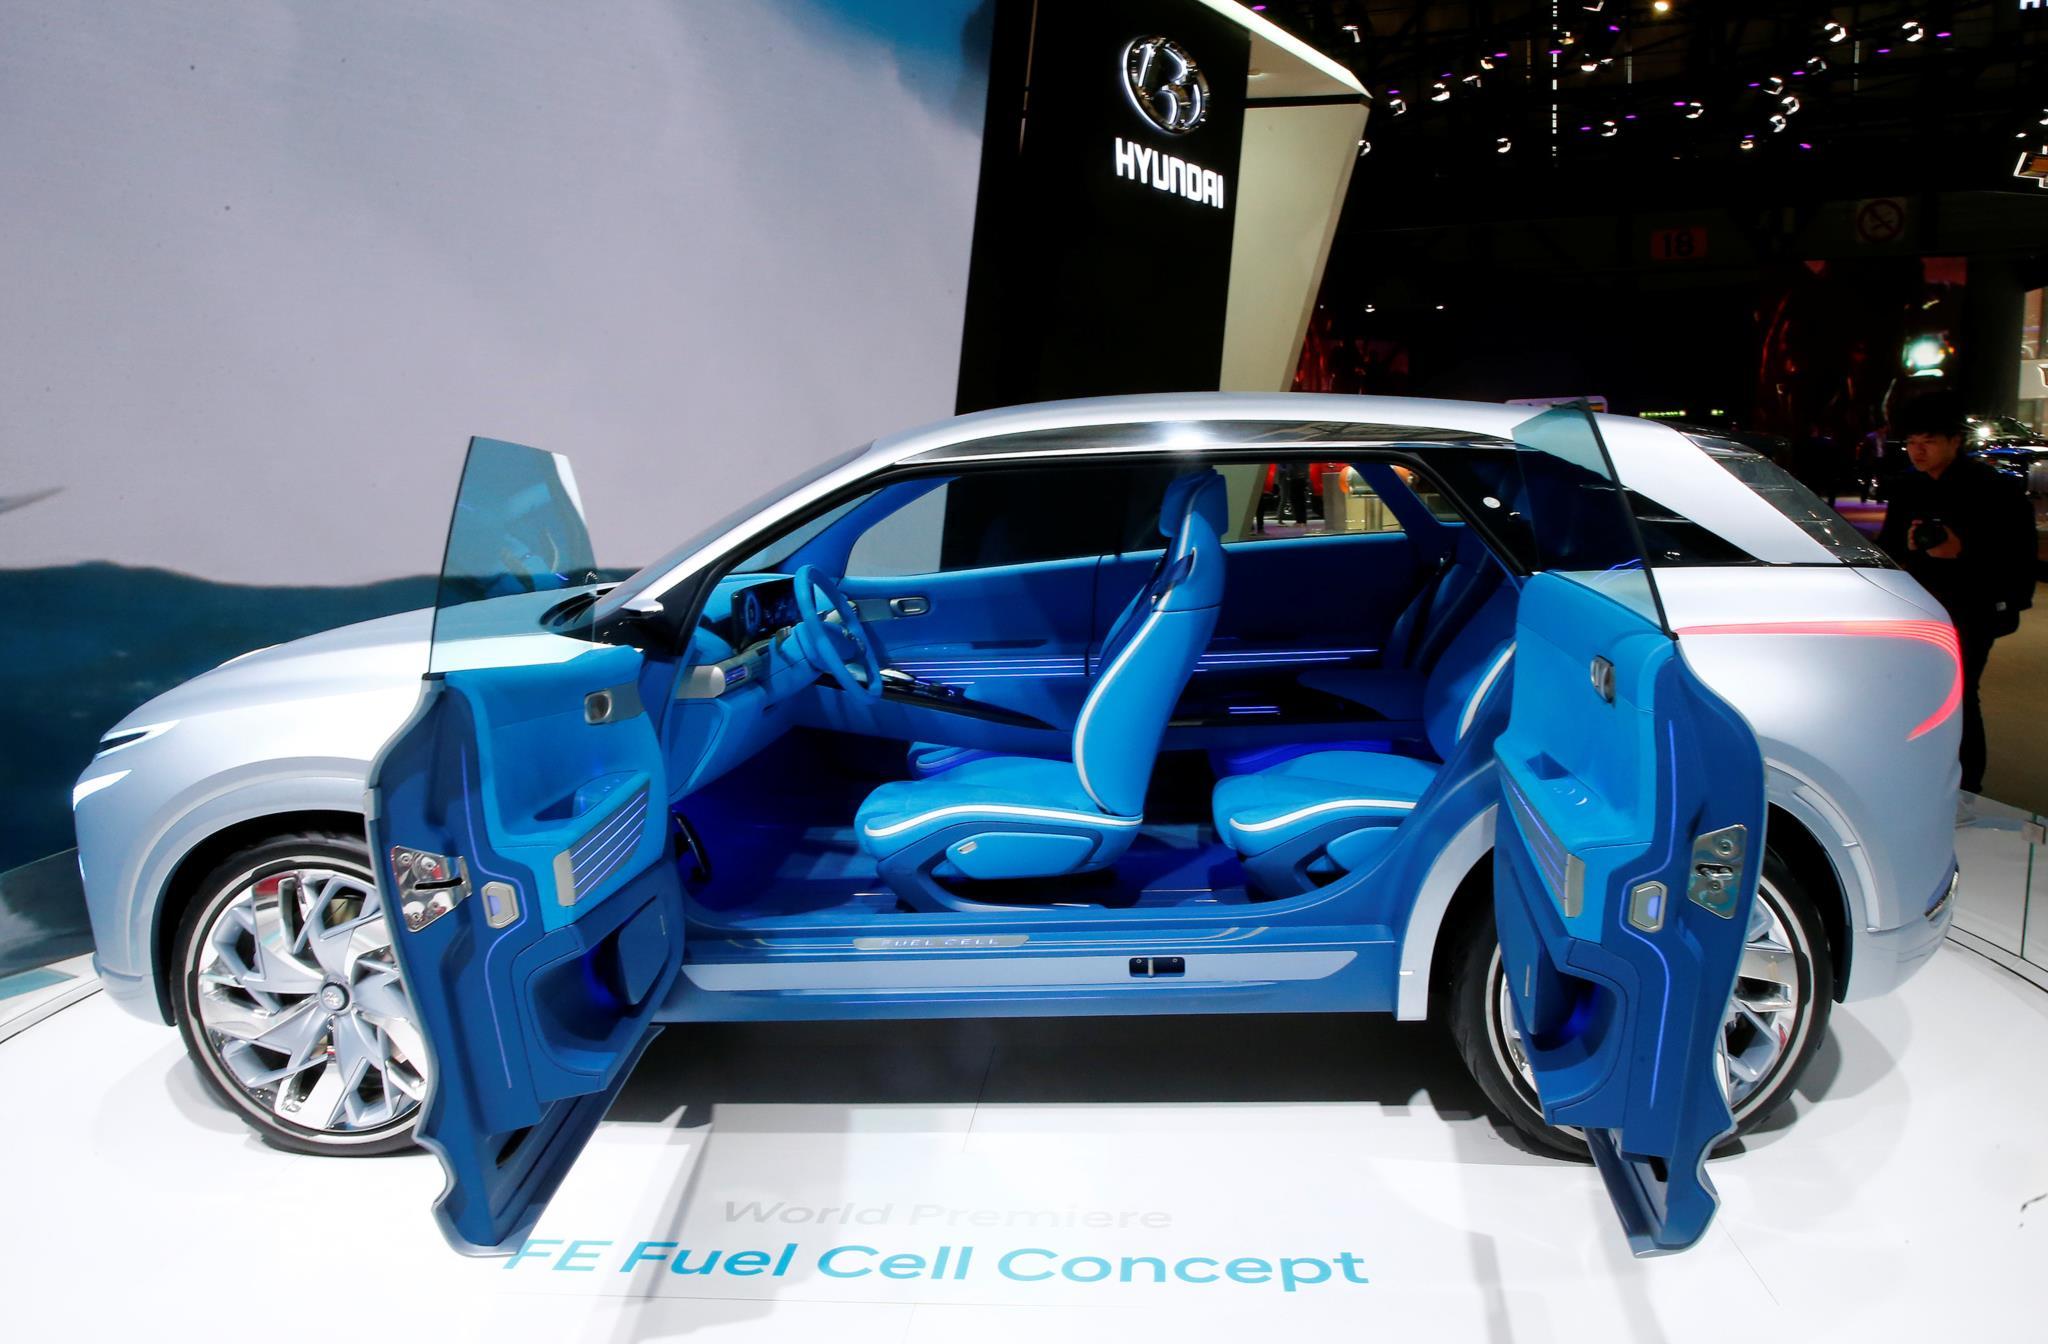 O protótipo do Hyundai Fuel Cell